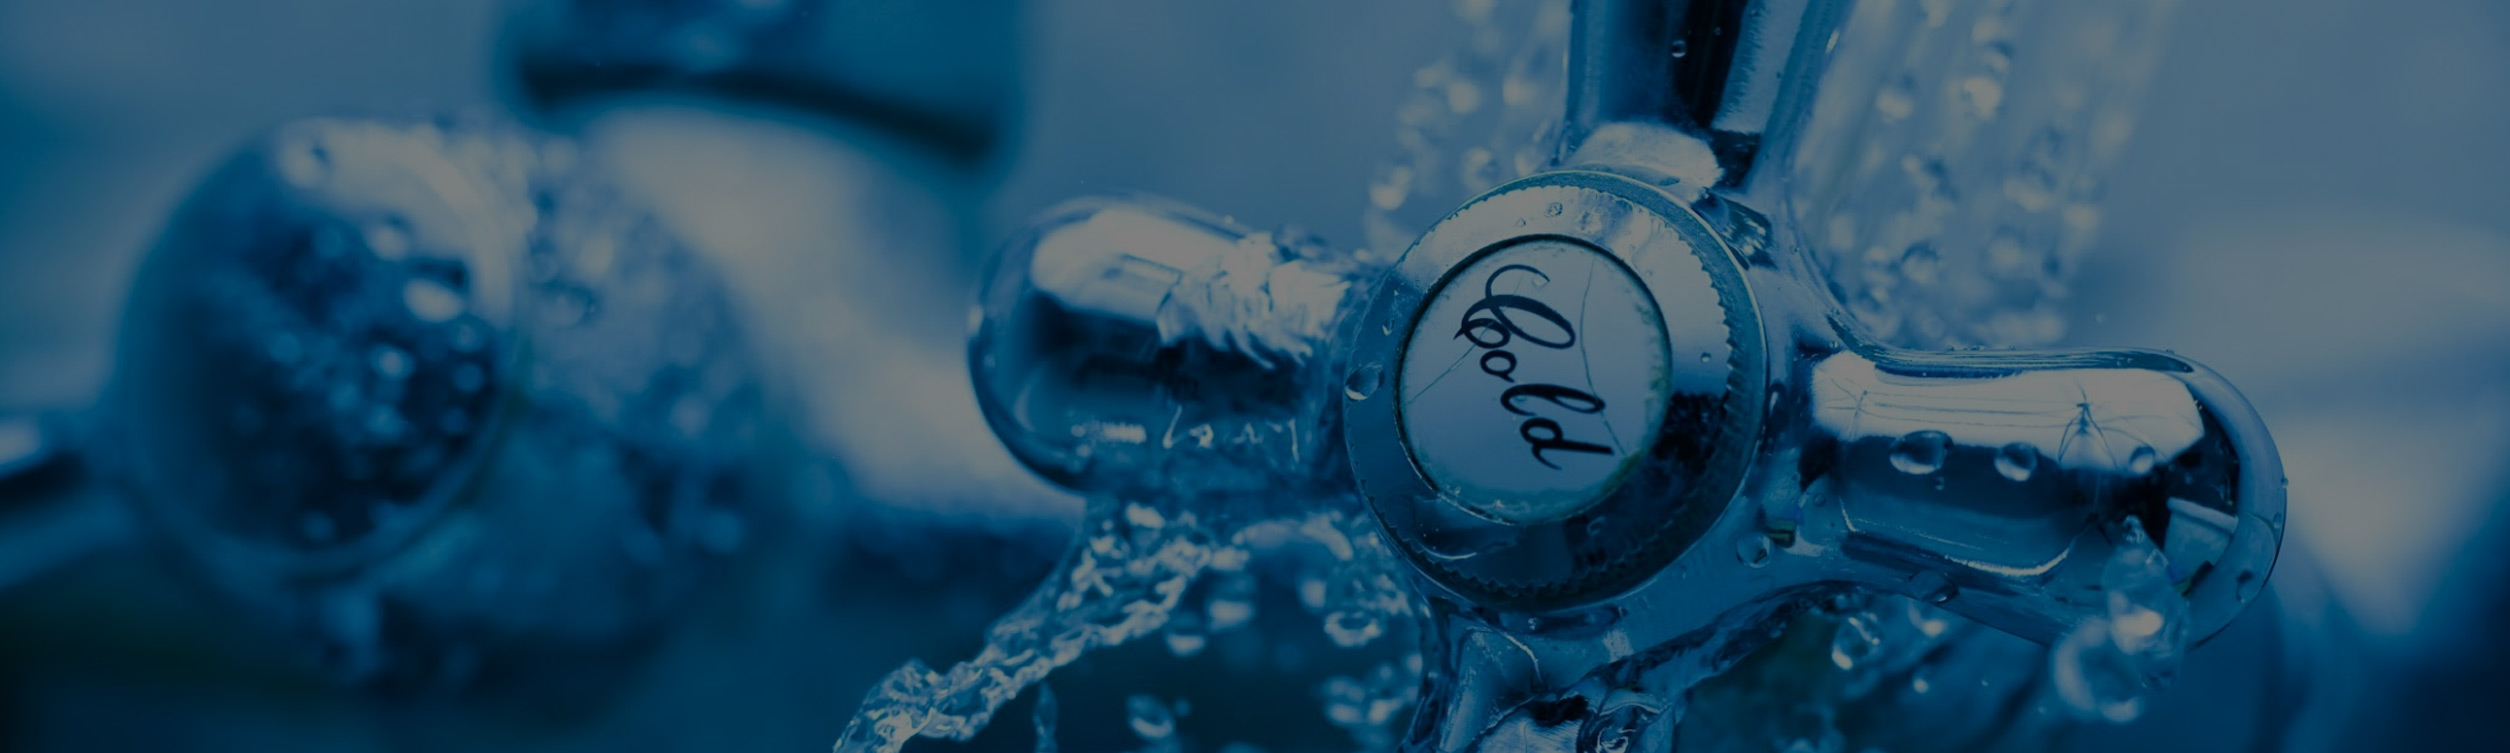 arredo bagno monza e brianzaarredo bagno milano arredo bagno como ... - Arredo Bagno Monza